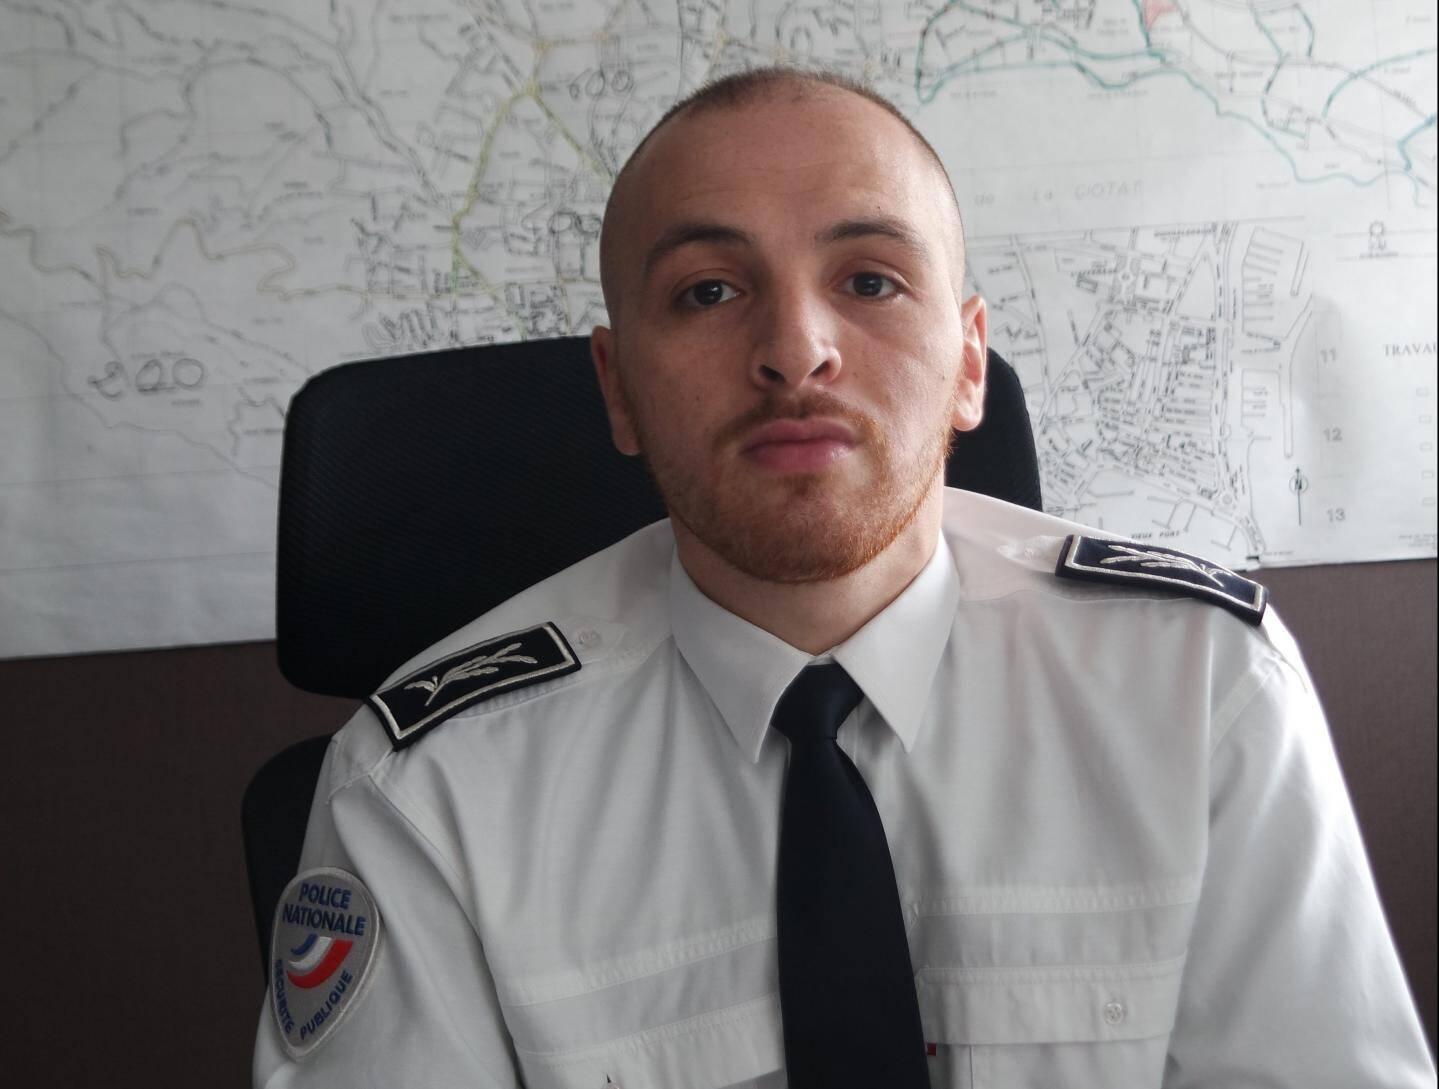 Le commissaire Matthieu Valet: